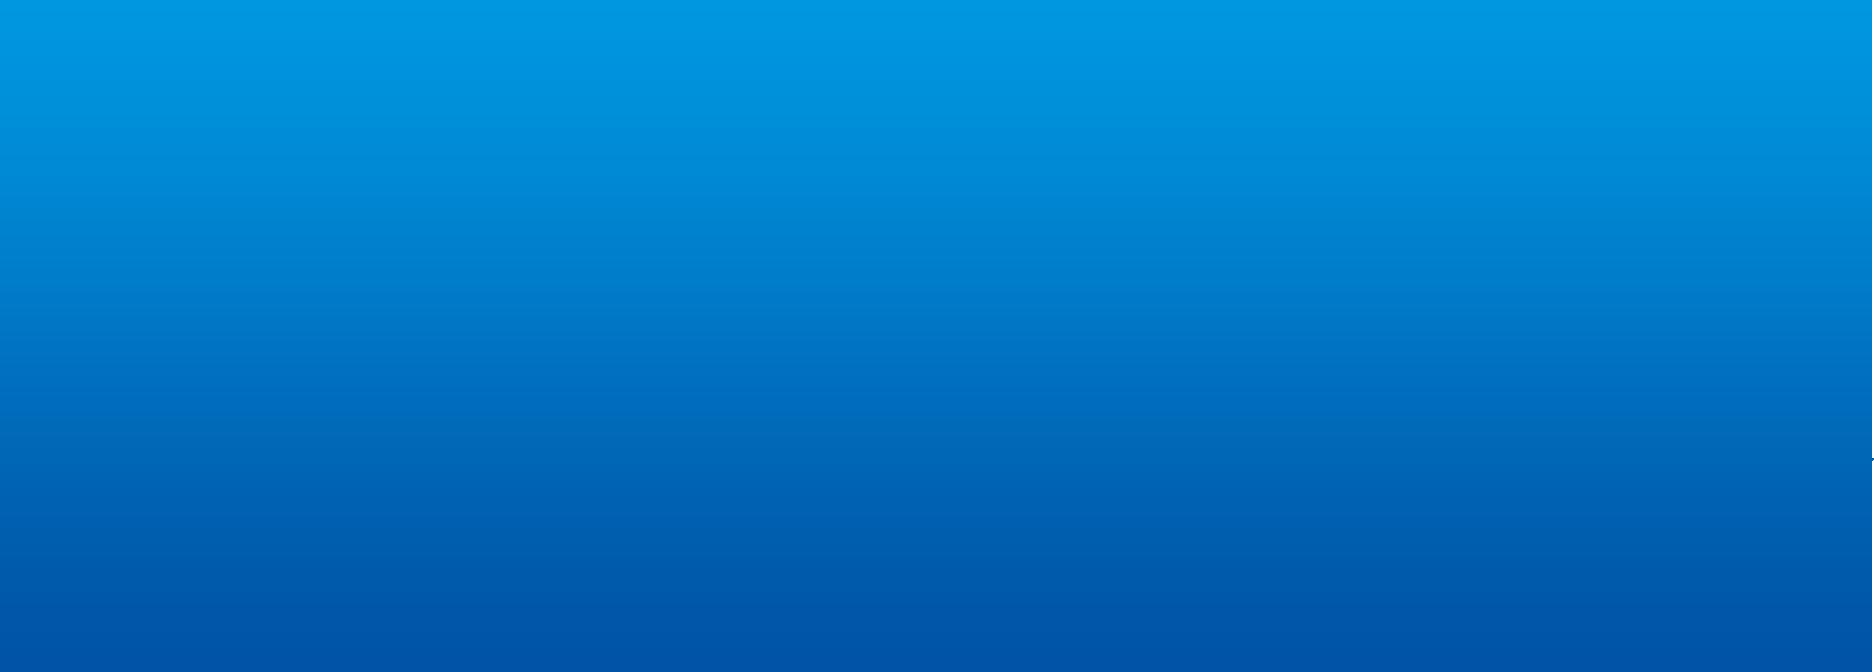 鸡西知名矿用刮板平台_专业-青岛亿东煤矿机械制造有限公司